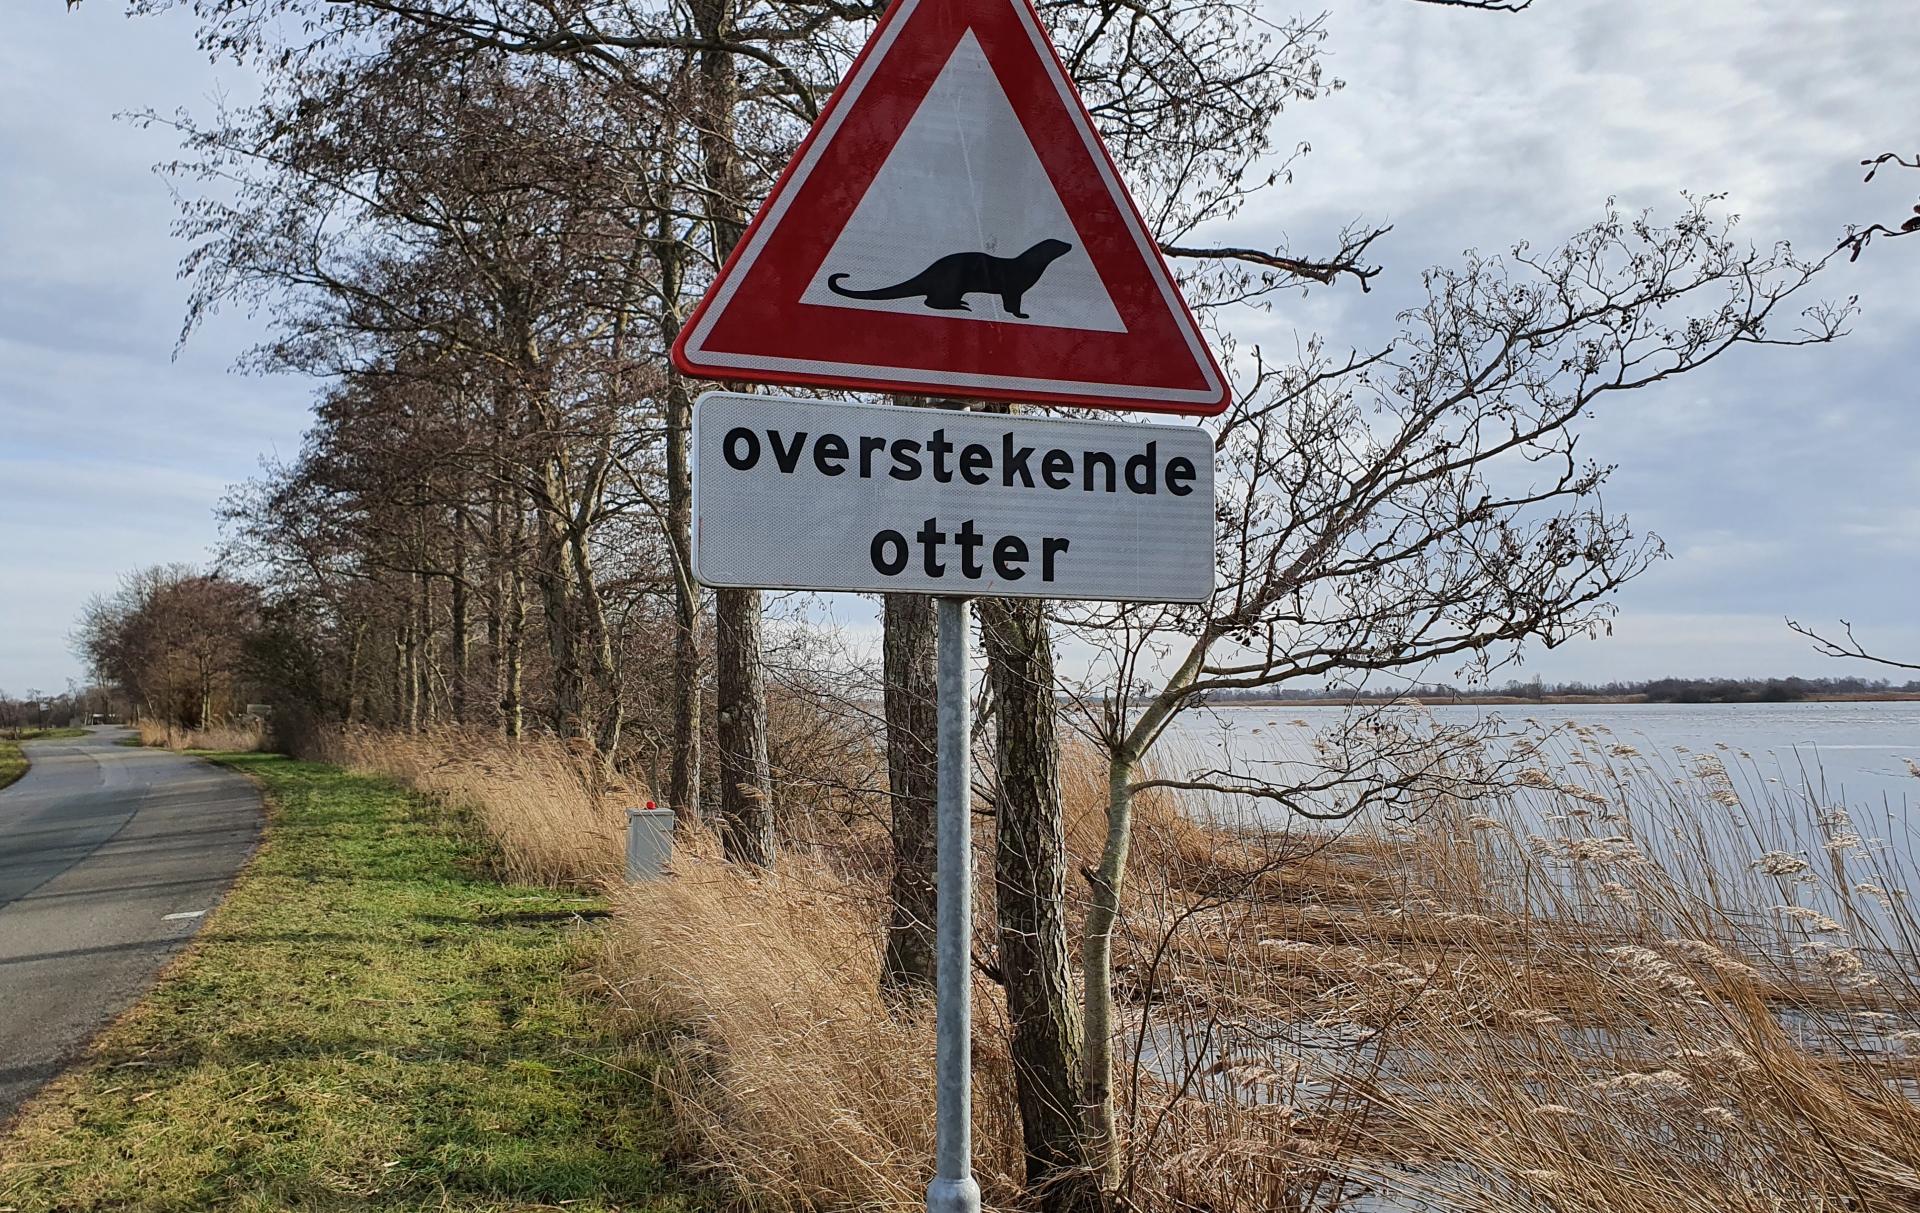 Gevaarlijke weg voor de otter